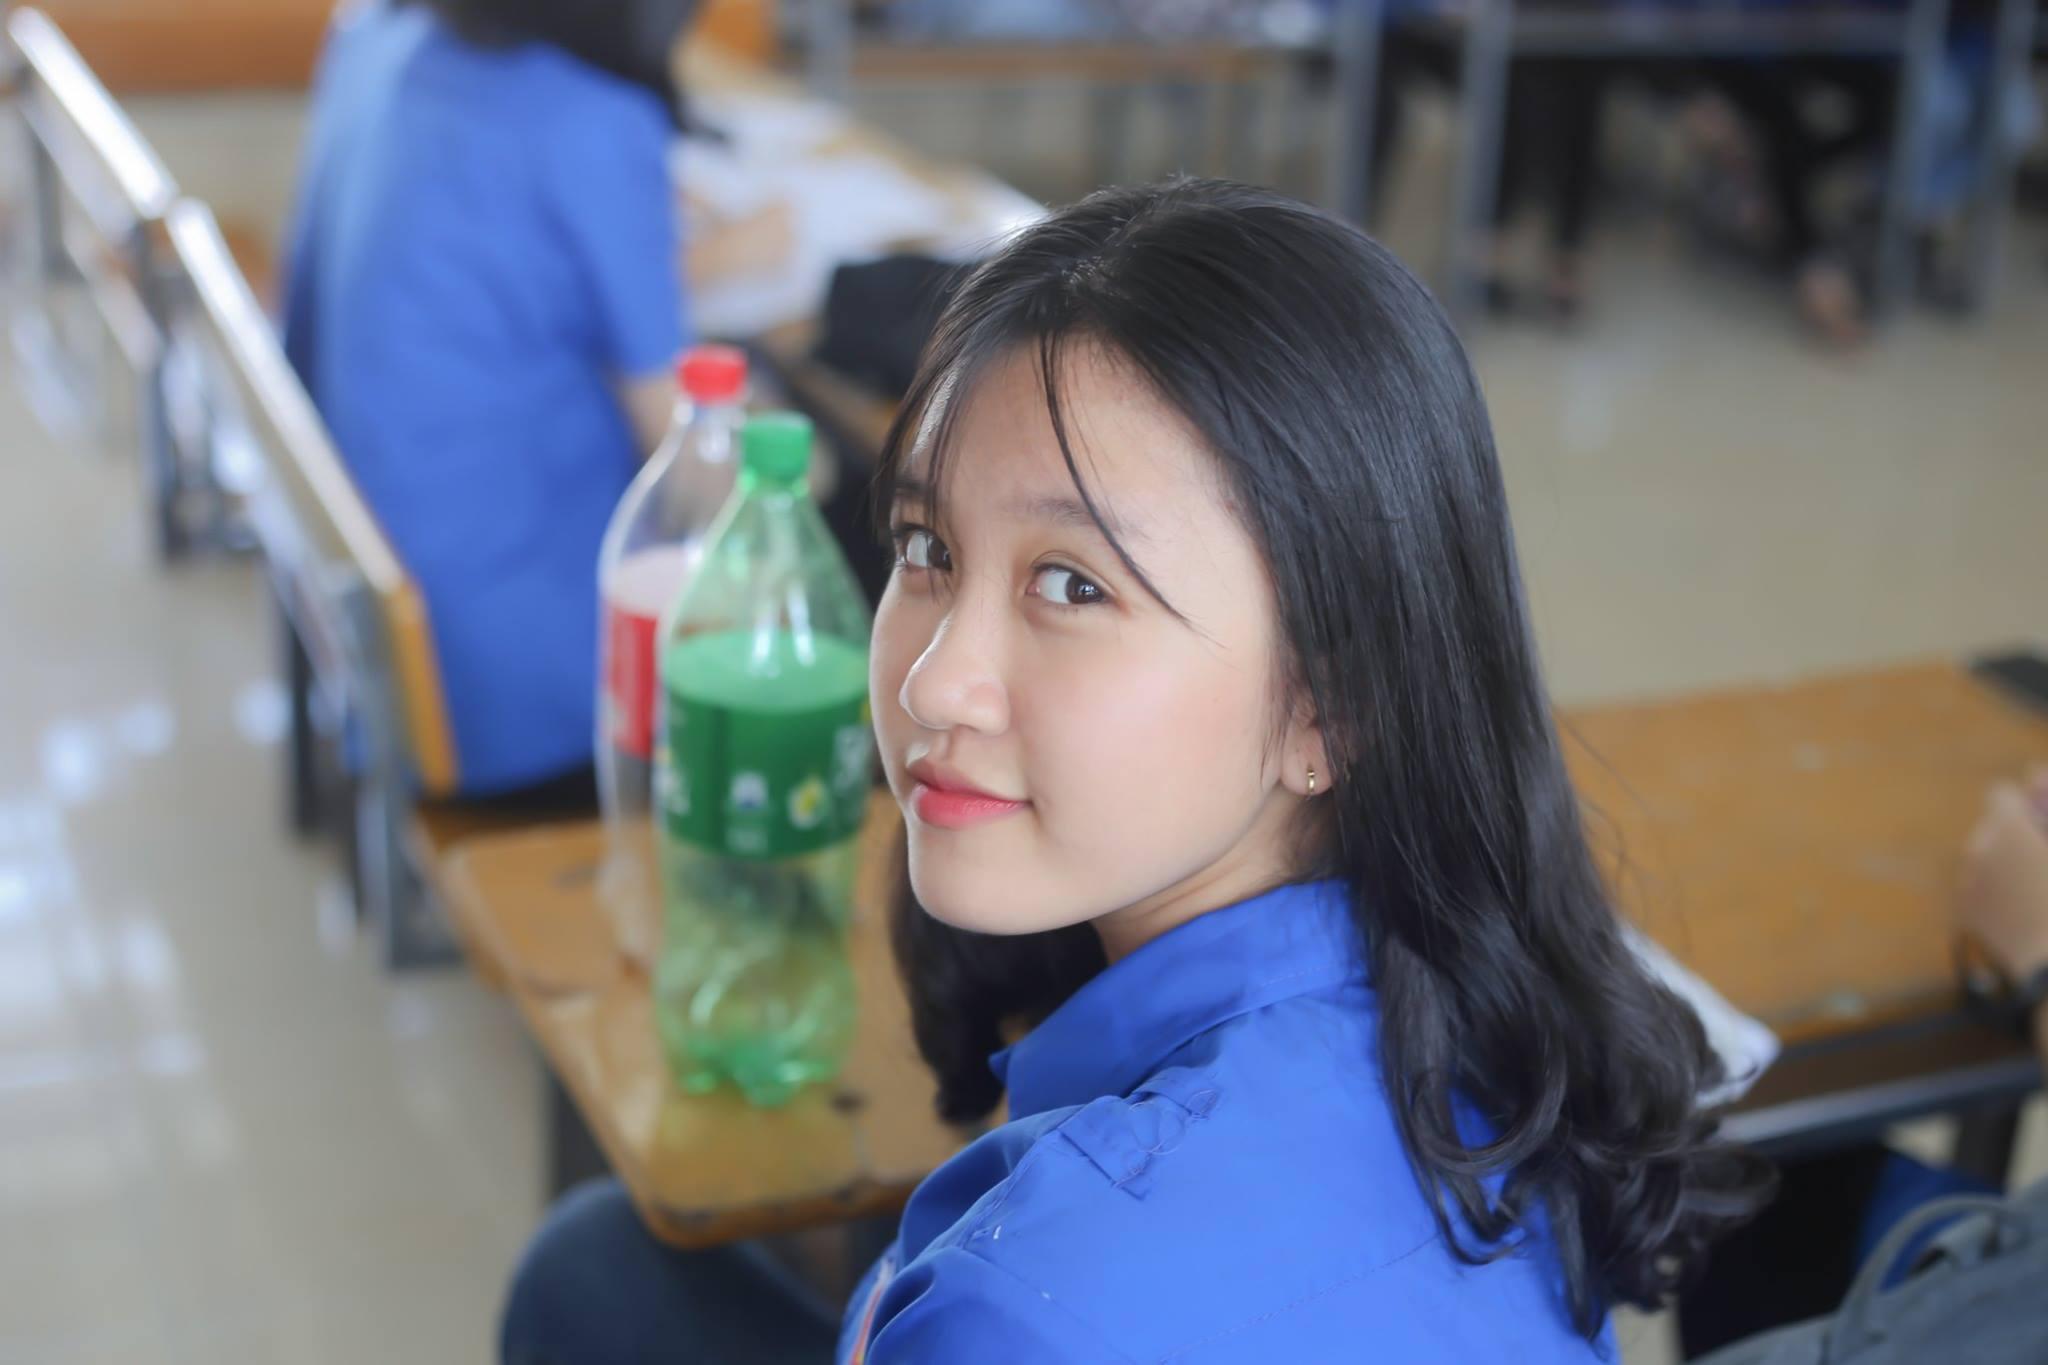 Hoá ra trường chuyên ĐH Vinh (Nghệ An) cũng nhiều con gái xinh ghê! - Ảnh 9.